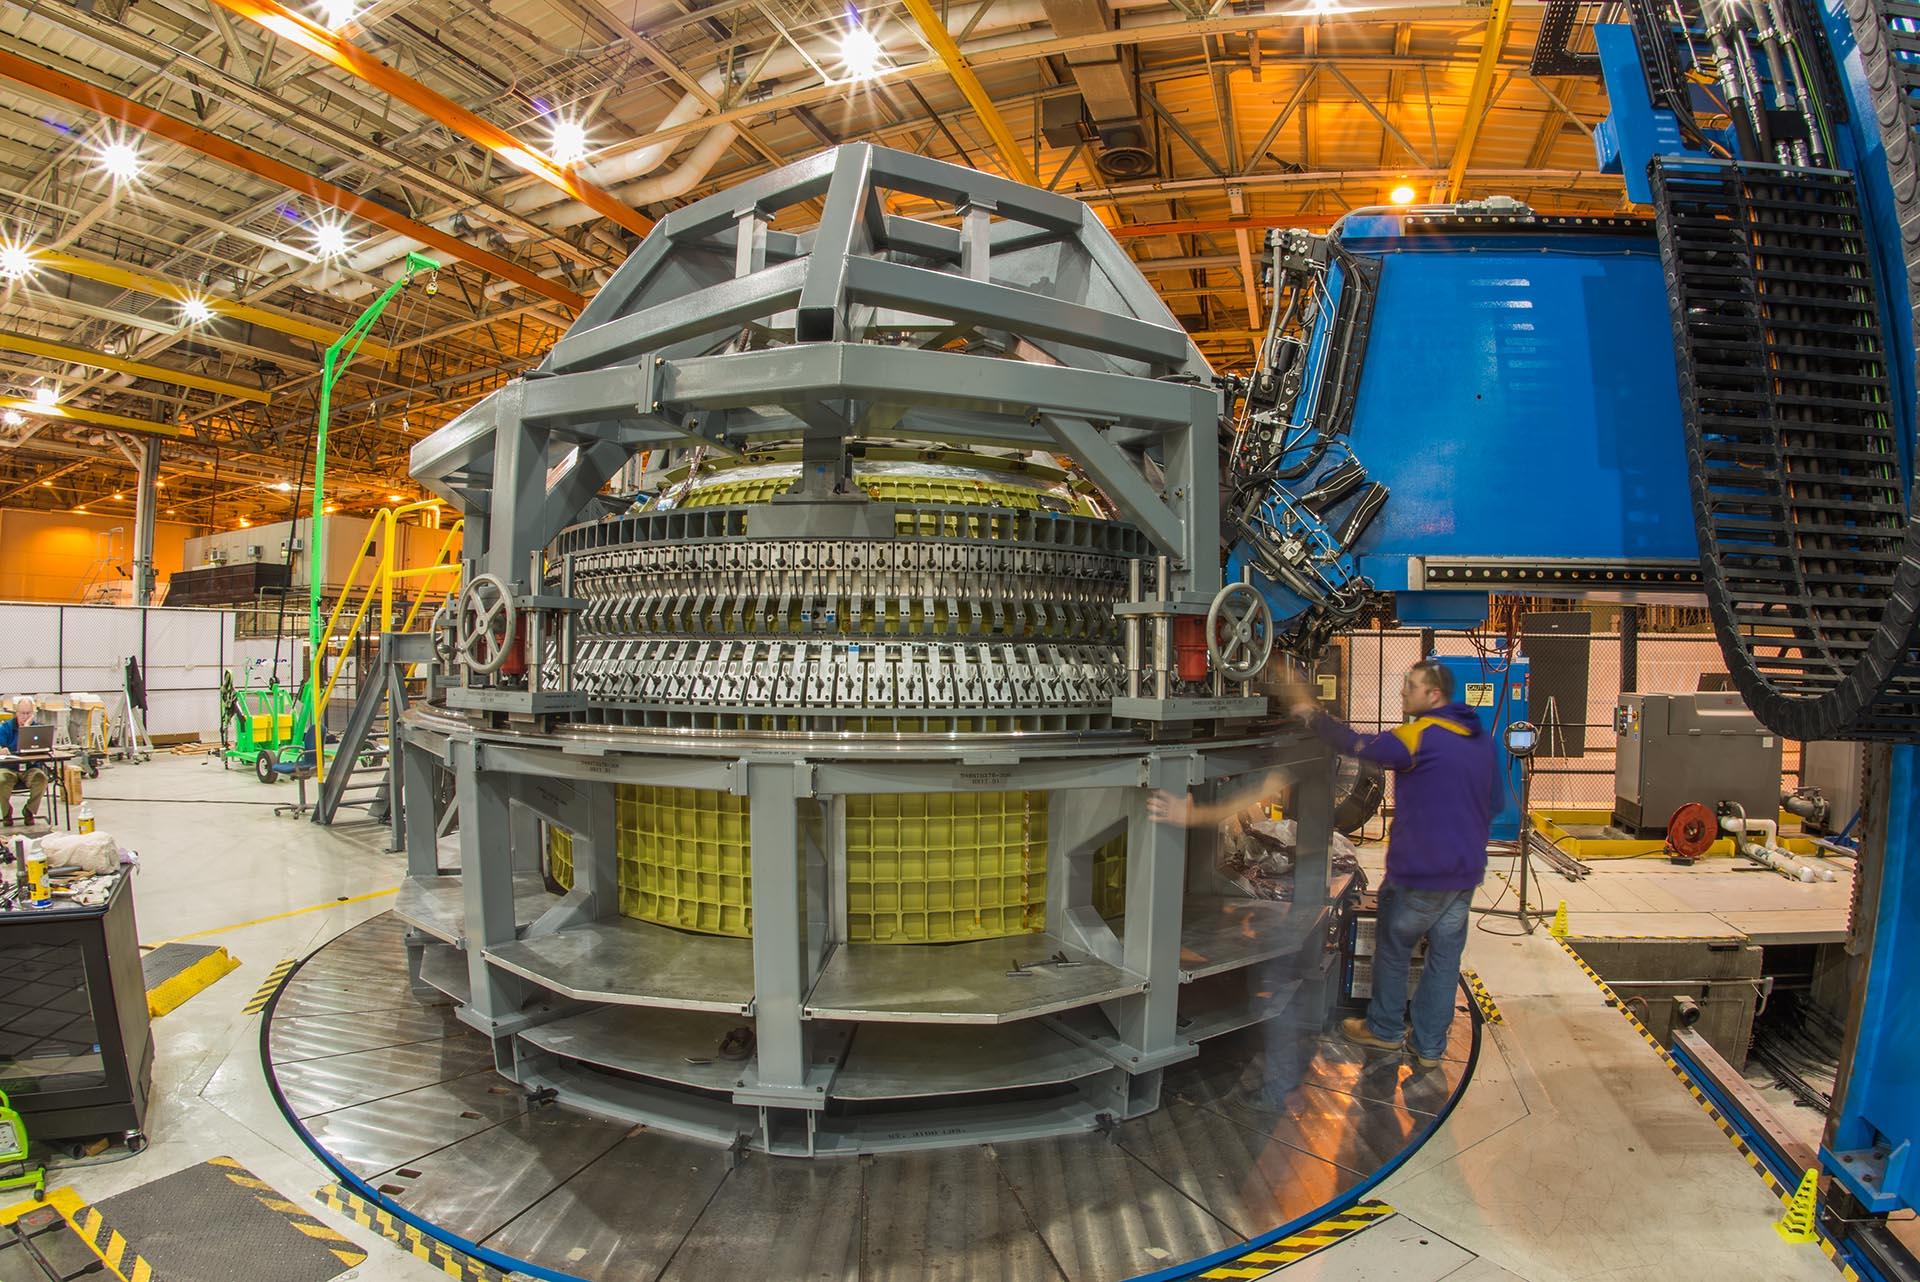 Los técnicos finalizan la soldadura de la estructura principal de la nave espacial Orion